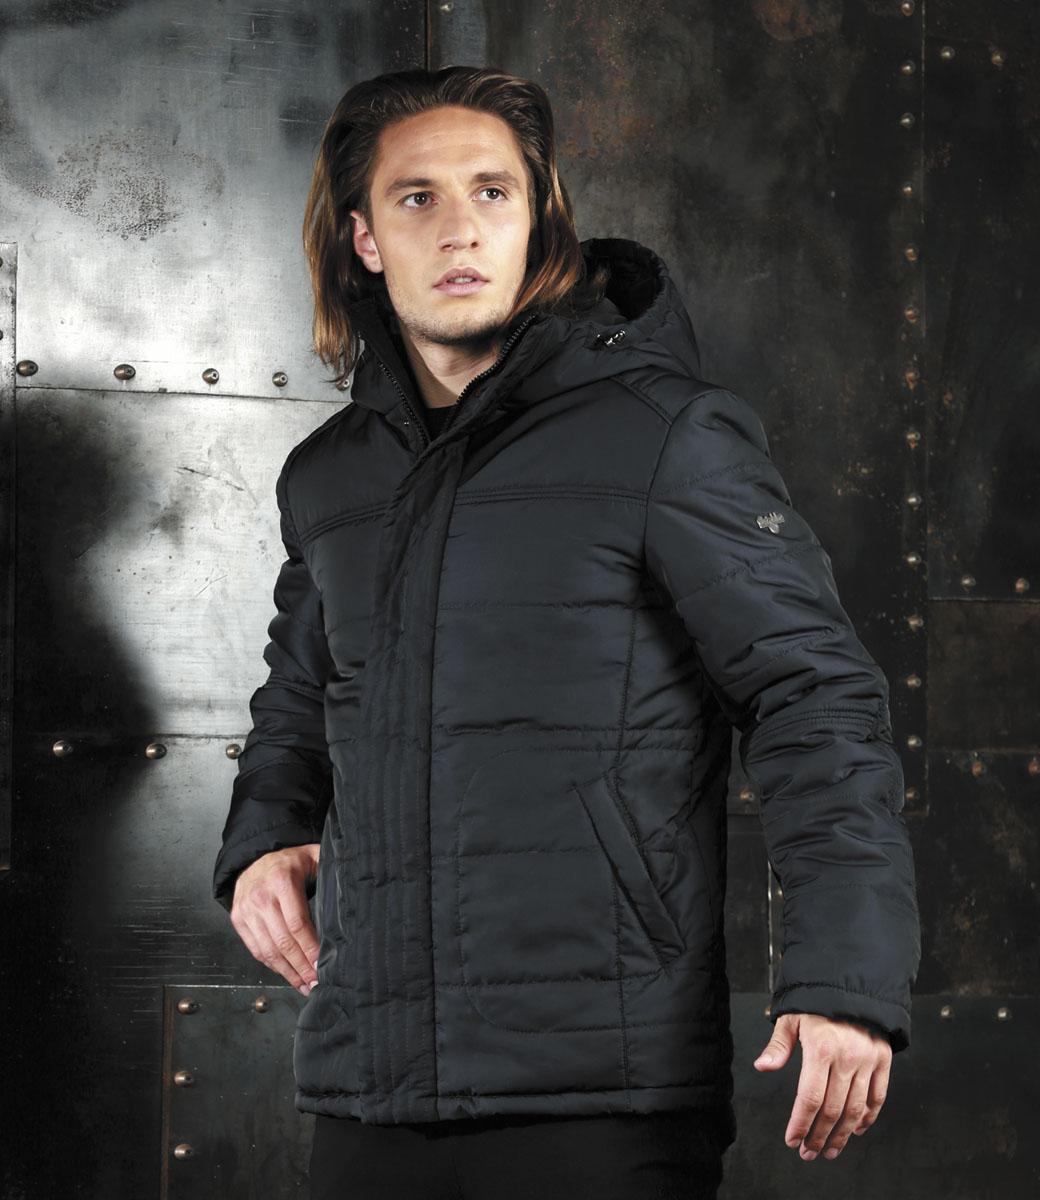 AL-2977Мужская куртка Grishko, выполненная из полиэстера, придаст образу безупречный стиль. Подкладка изготовлена из гладкого и приятного на ощупь материала. В качестве утеплителя используется холлофайбер, который отлично сохраняет тепло. Куртка прямого кроя с ассиметричной линией низа и несъемным капюшоном застегивается на застежку-молнию и ветрозащитную планку на кнопках. С внутренней стороны также расположена ветрозащитная планка. Край капюшона дополнен шнурком-кулиской. Рукава дополнены внутренними трикотажными манжетами. Спереди расположено два прорезных кармана на кнопках, с внутренней стороны - накладной карман с клапаном на кнопке и втачной карман на кнопке. Изделие оформлено фирменным логотипом. Такая практичная и теплая куртка послужит отличным дополнением к вашему гардеробу!